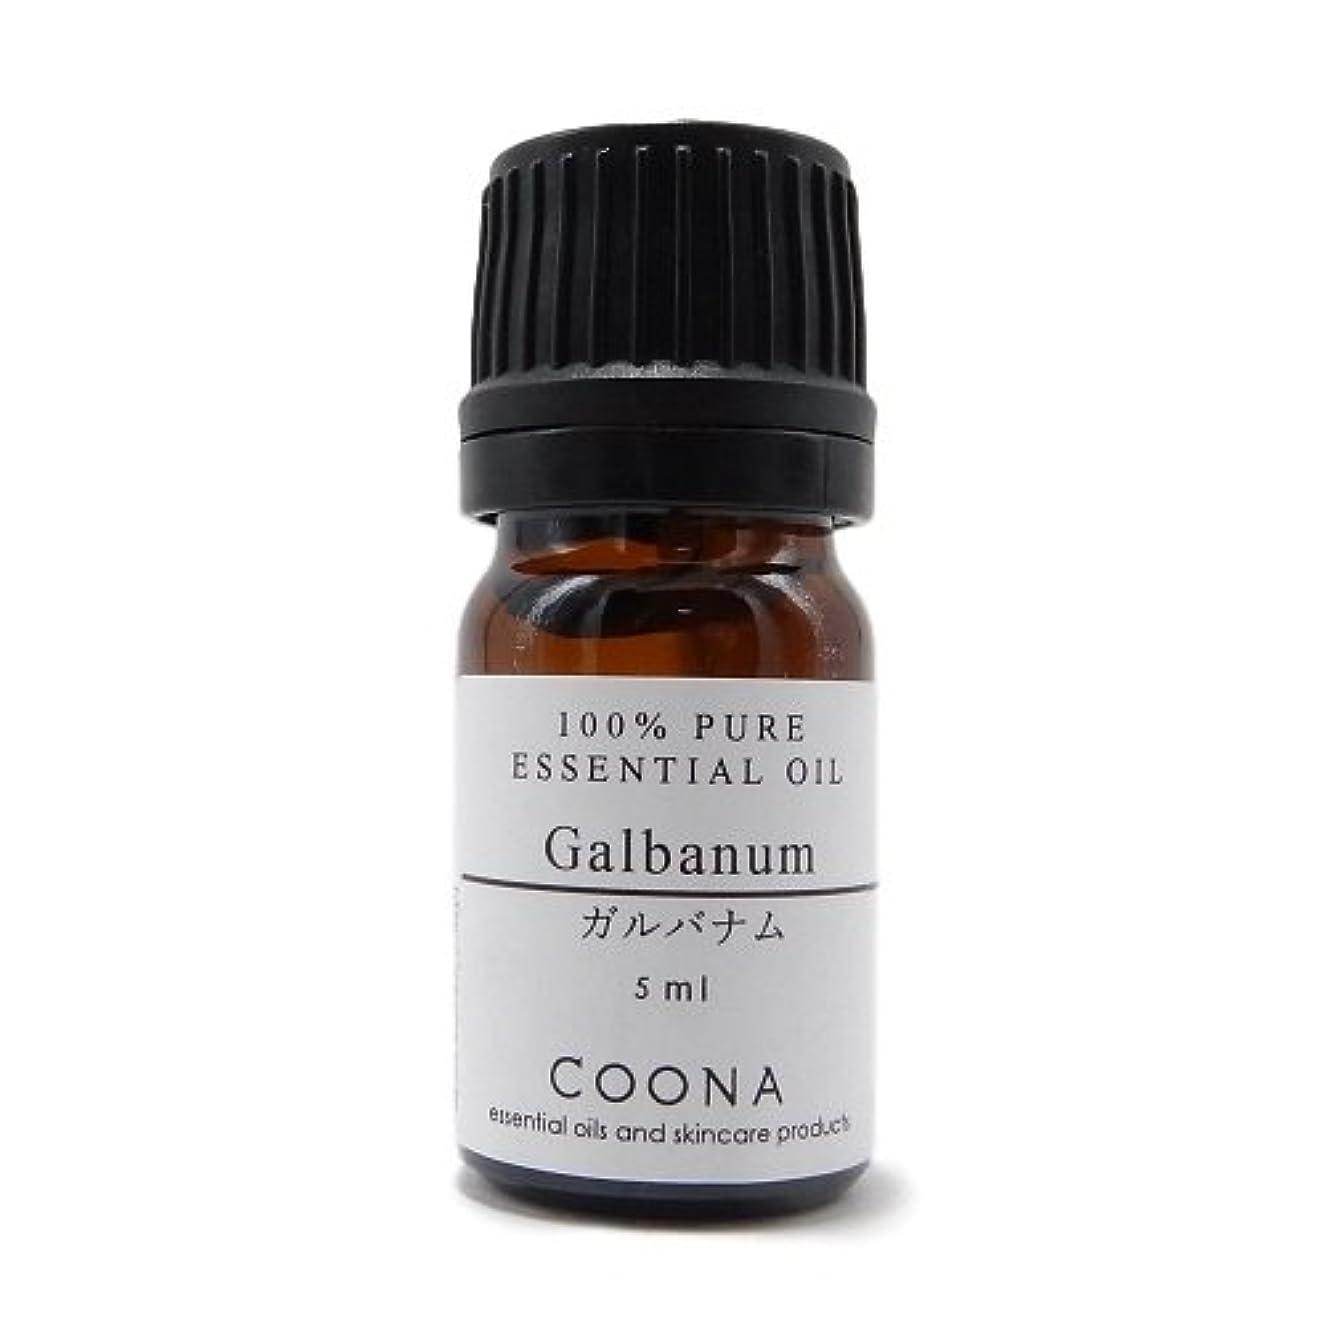 精神ミシン可決ガルバナム 5 ml (COONA エッセンシャルオイル アロマオイル 100%天然植物精油)